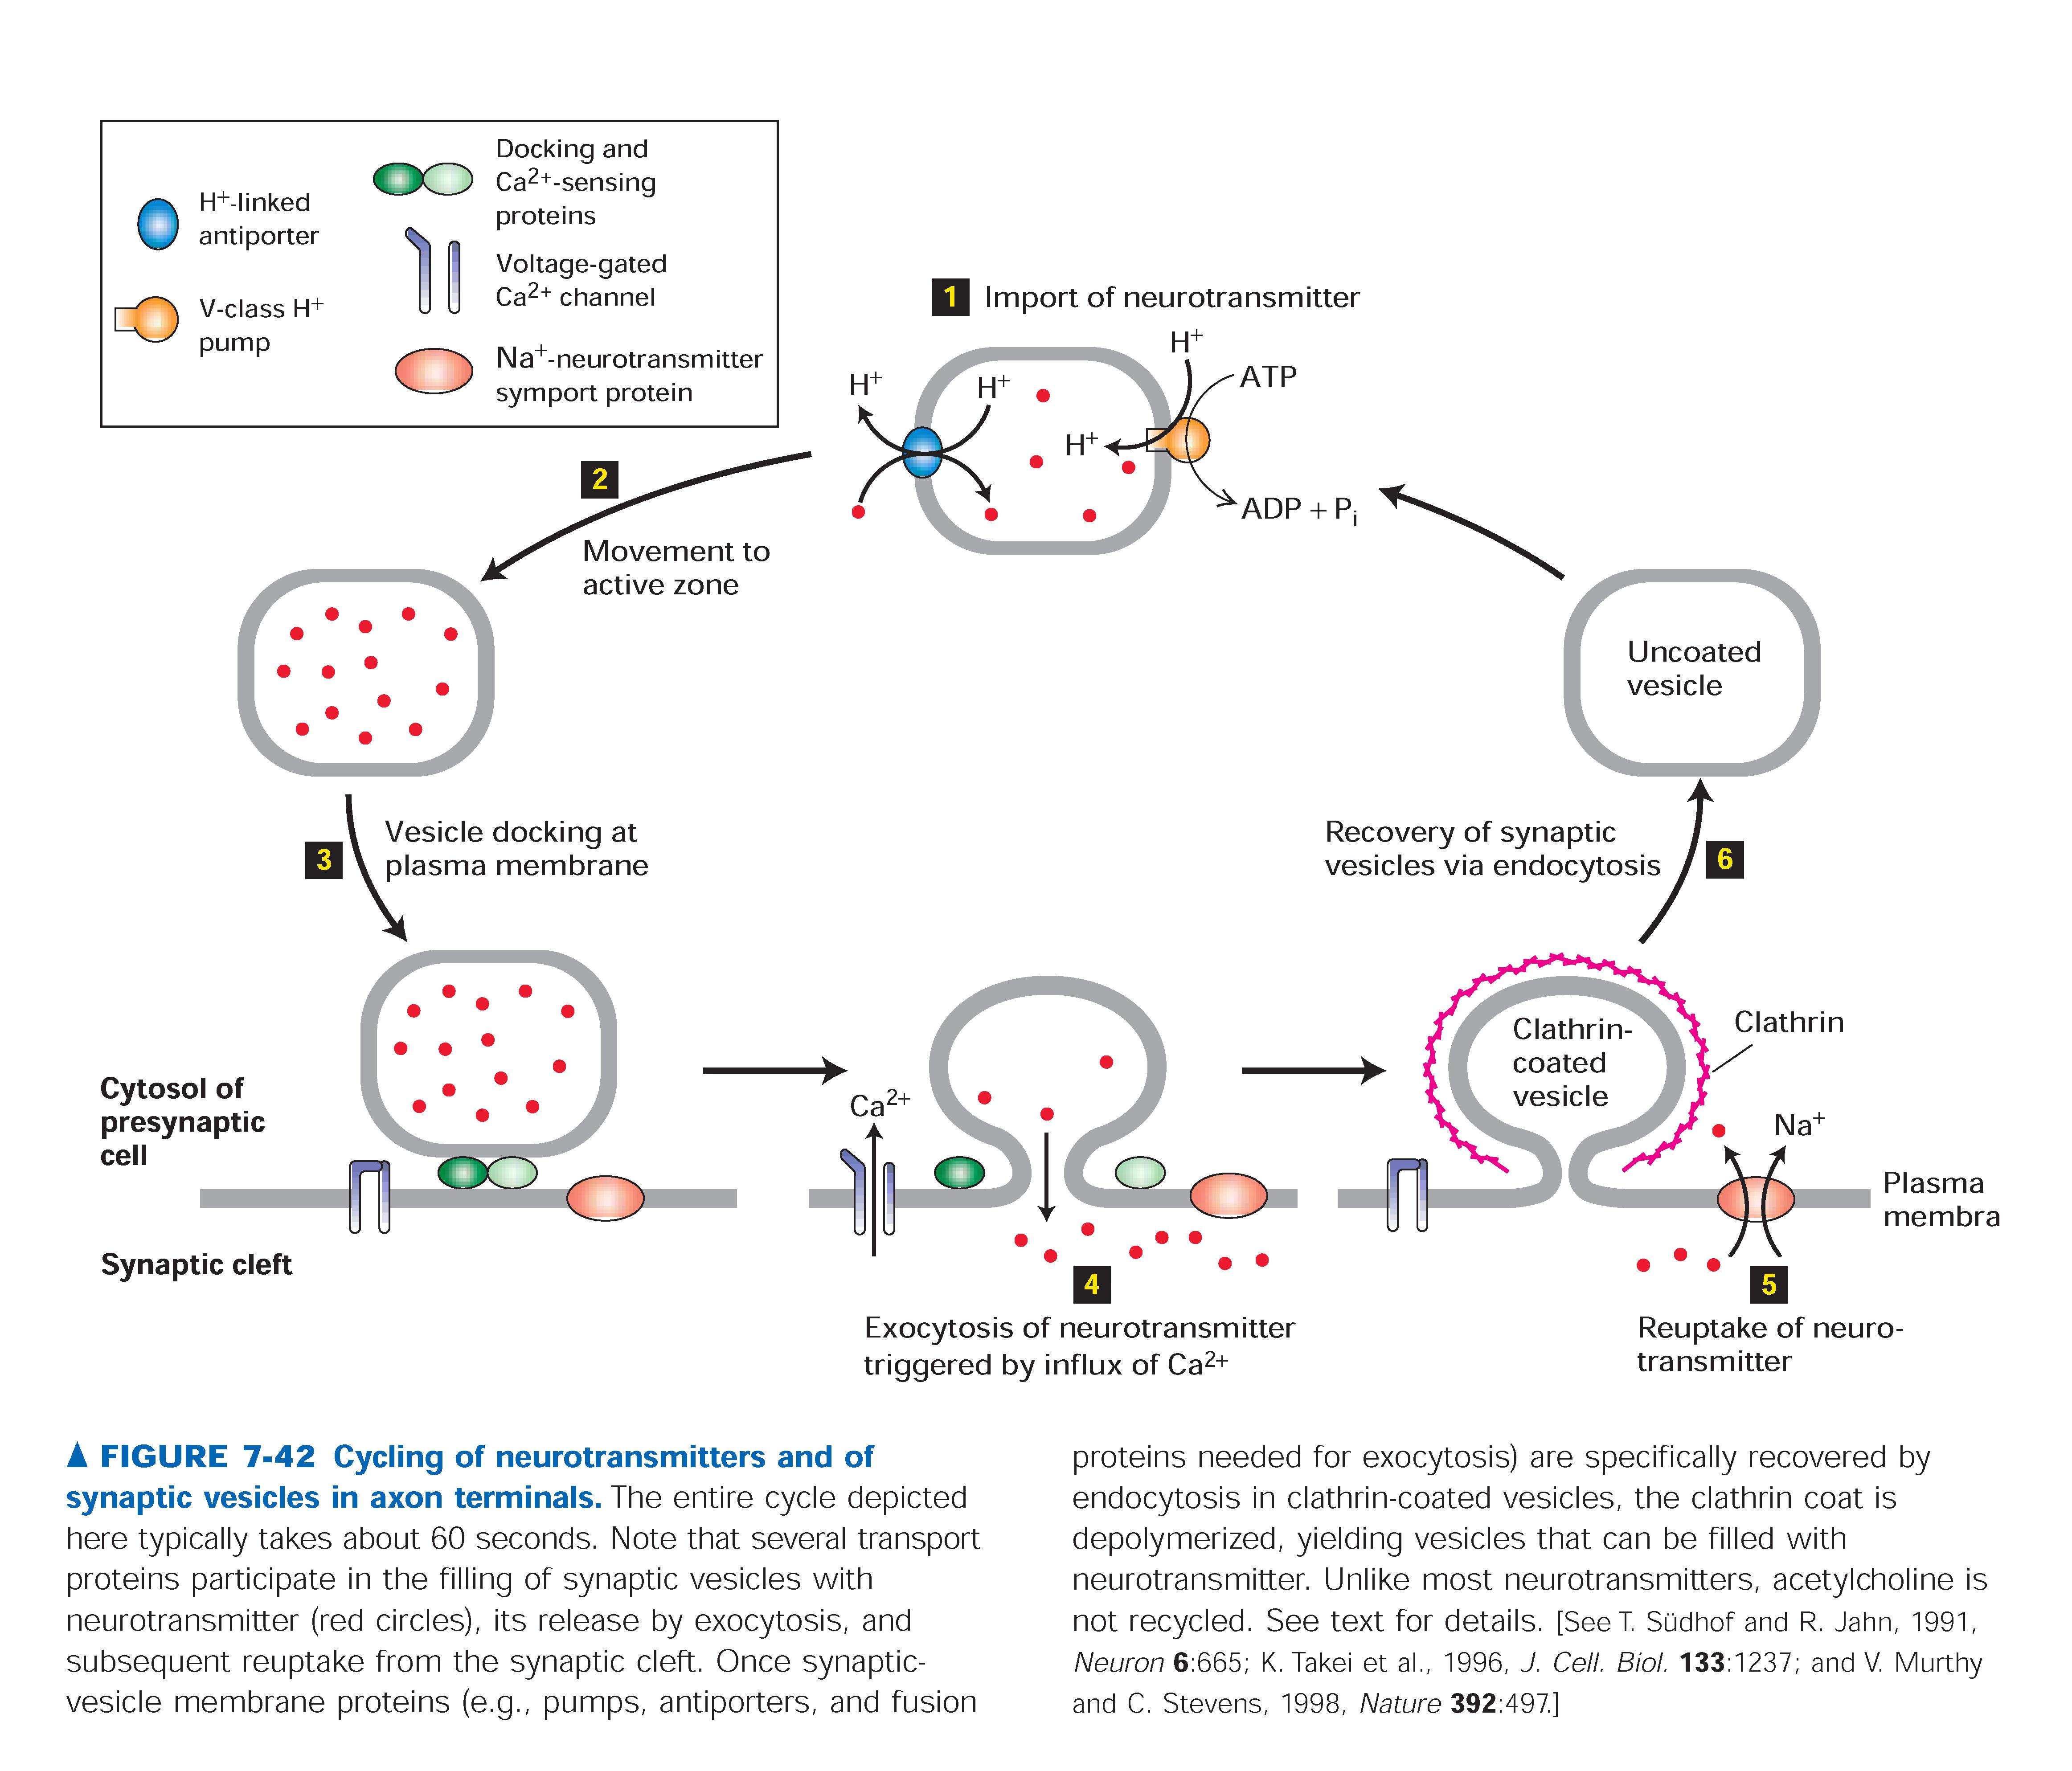 worksheet Neurotransmitters Worksheet biology pictures cycling of neurotransmitters neurotransmitters